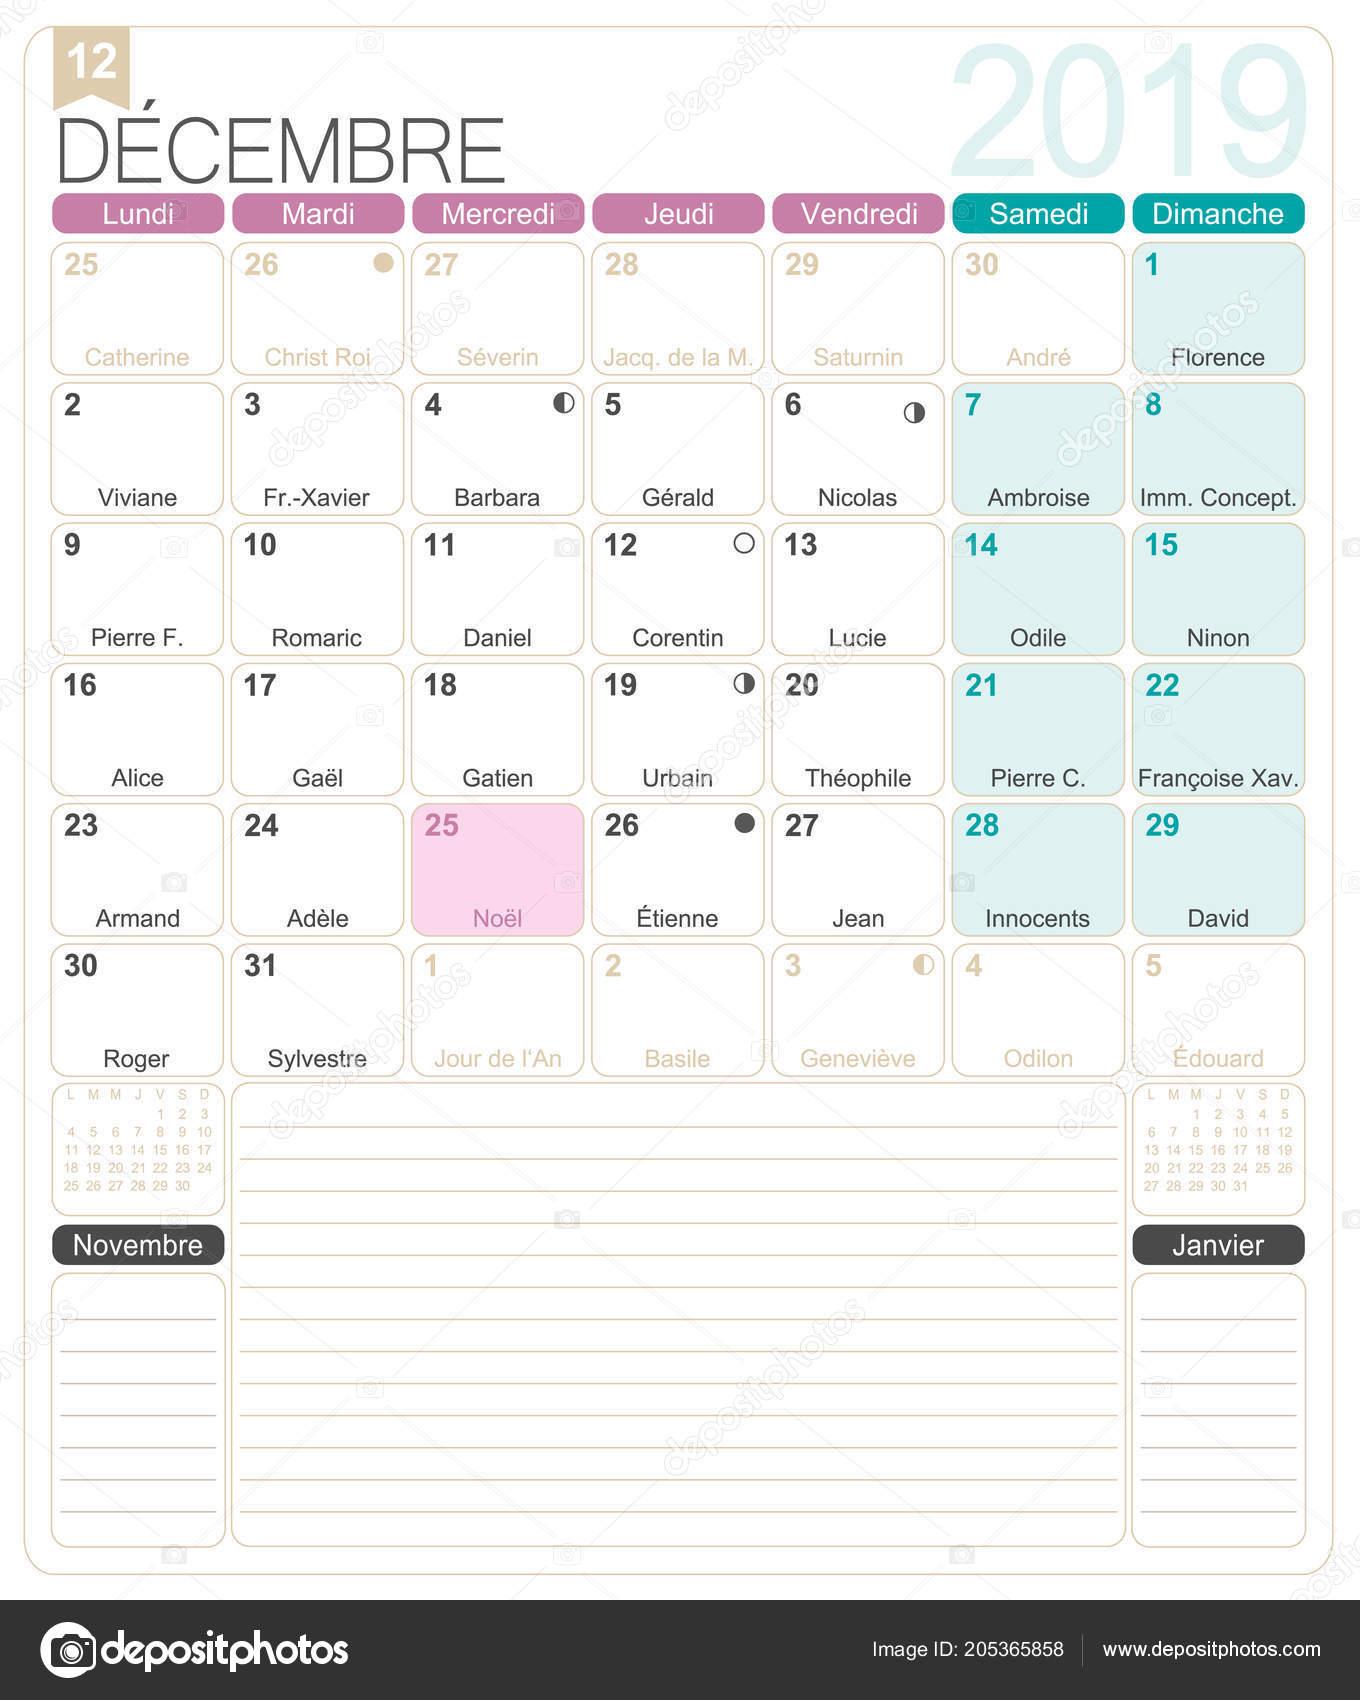 Calendario Mese Dicembre 2019.Calendario Francese 2019 Dicembre 2019 Modello Calendario